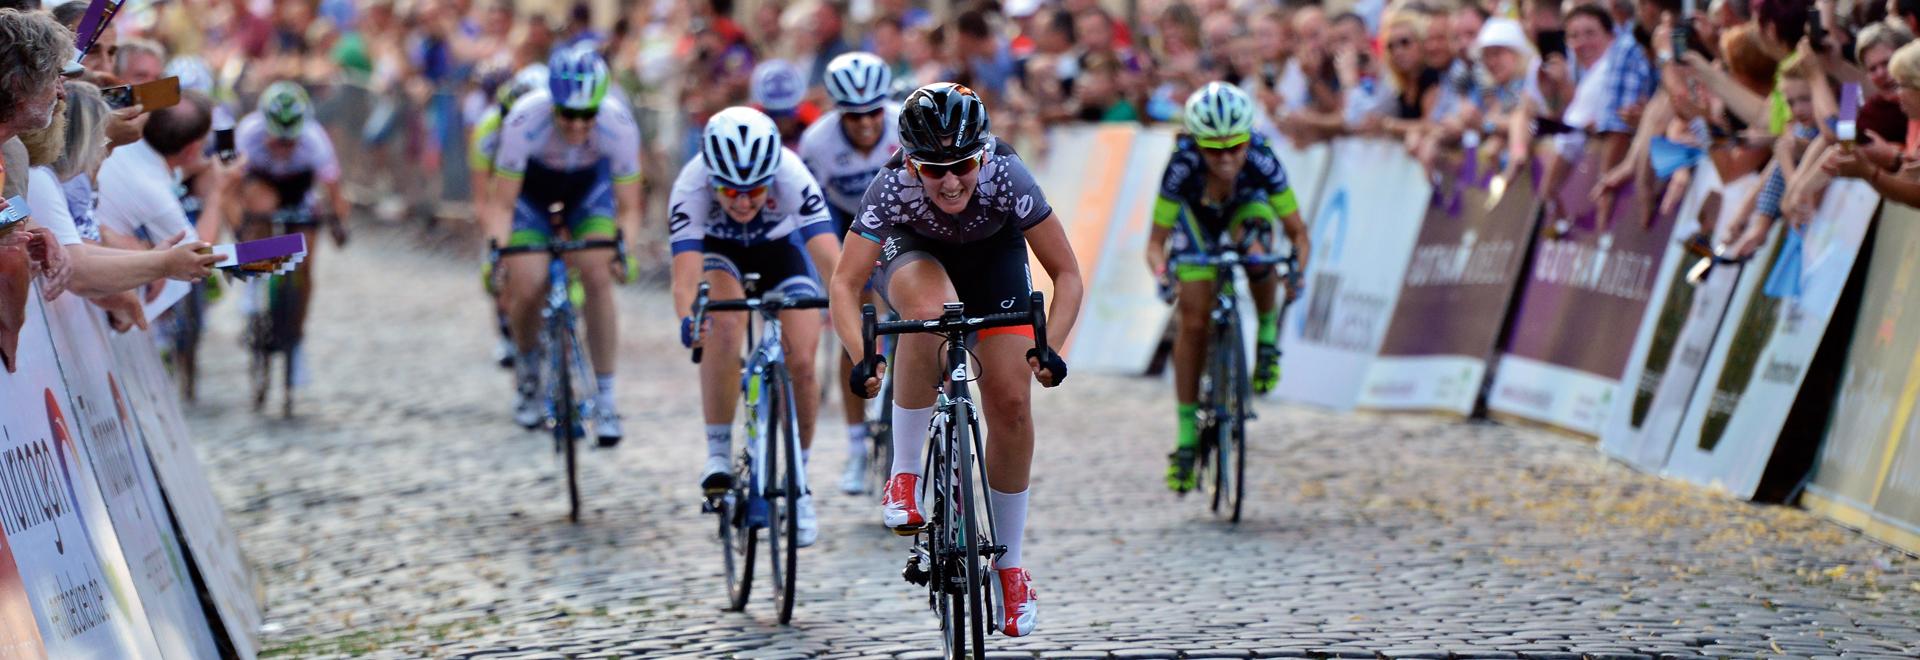 LOTTO Thüringen Ladies Tour ©Stadtverwaltung Gotha